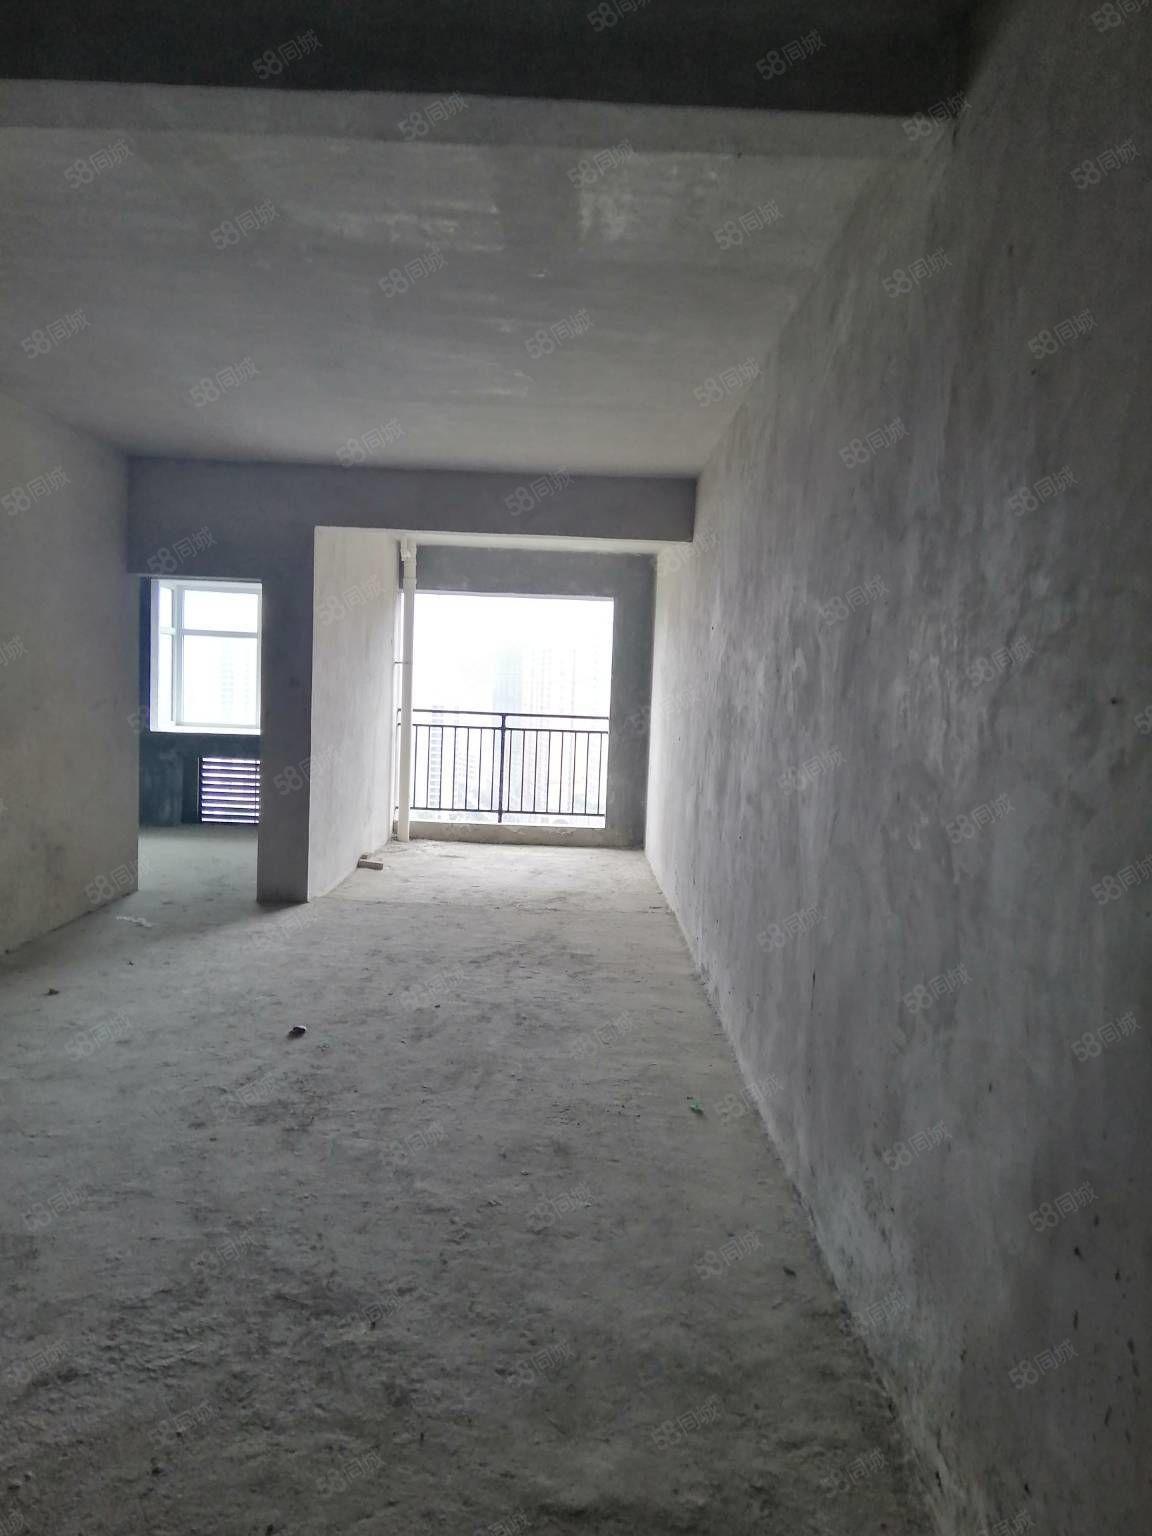 娄湖旁边书香学府2室2厅1卫毛坯房全款更名税费少